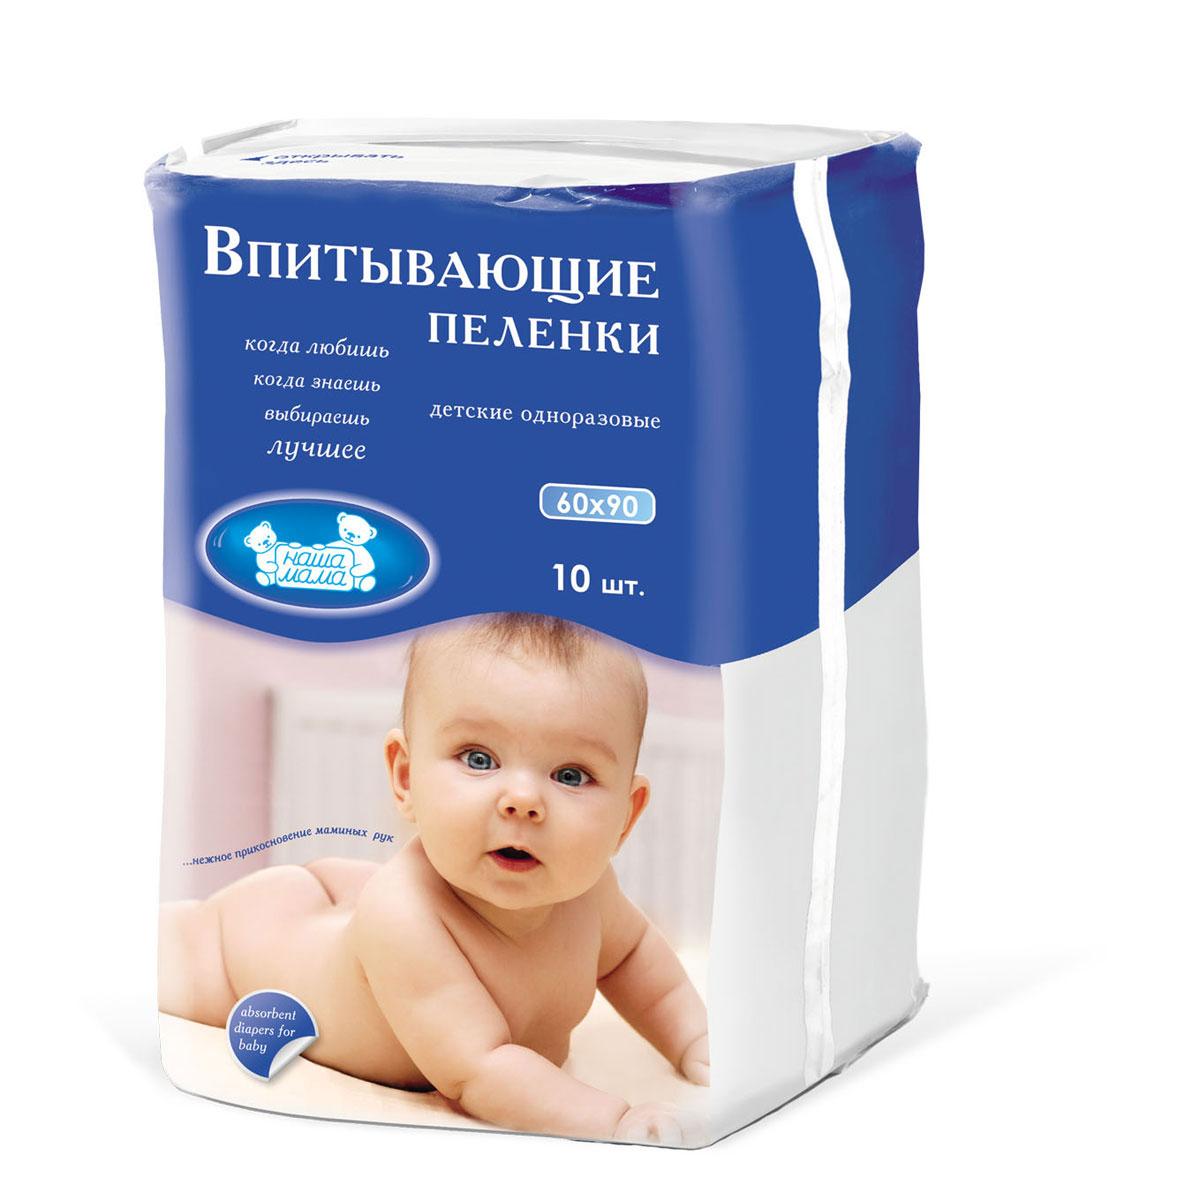 Наша Мама Пеленки впитывающие, детские, одноразовые, 60 см x 90 см, 10 шт6910Практичные и супервпитывающие пеленки Наша Мама помогают создать комфорт для малышей. Благодаря непромокаемому нижнему слою эффективно защищают постель от намокания. Мягкий гипоаллергенный нетканый материал приятен коже и не вызывает раздражения. Материал, из которого изготовлены одноразовые детские впитывающие пеленки состоит из трех слоев: - верхний из мягкого гипоаллергенного нетканого волокна, предотвращает возникновение раздражения, оставляя кожу чистой и сухой; - средний - адсорбирующий слой из целлюлозы впитывает до 1 литра; - нижний - нетоксичный полиэтилен, обеспечивает полную непроницаемость.